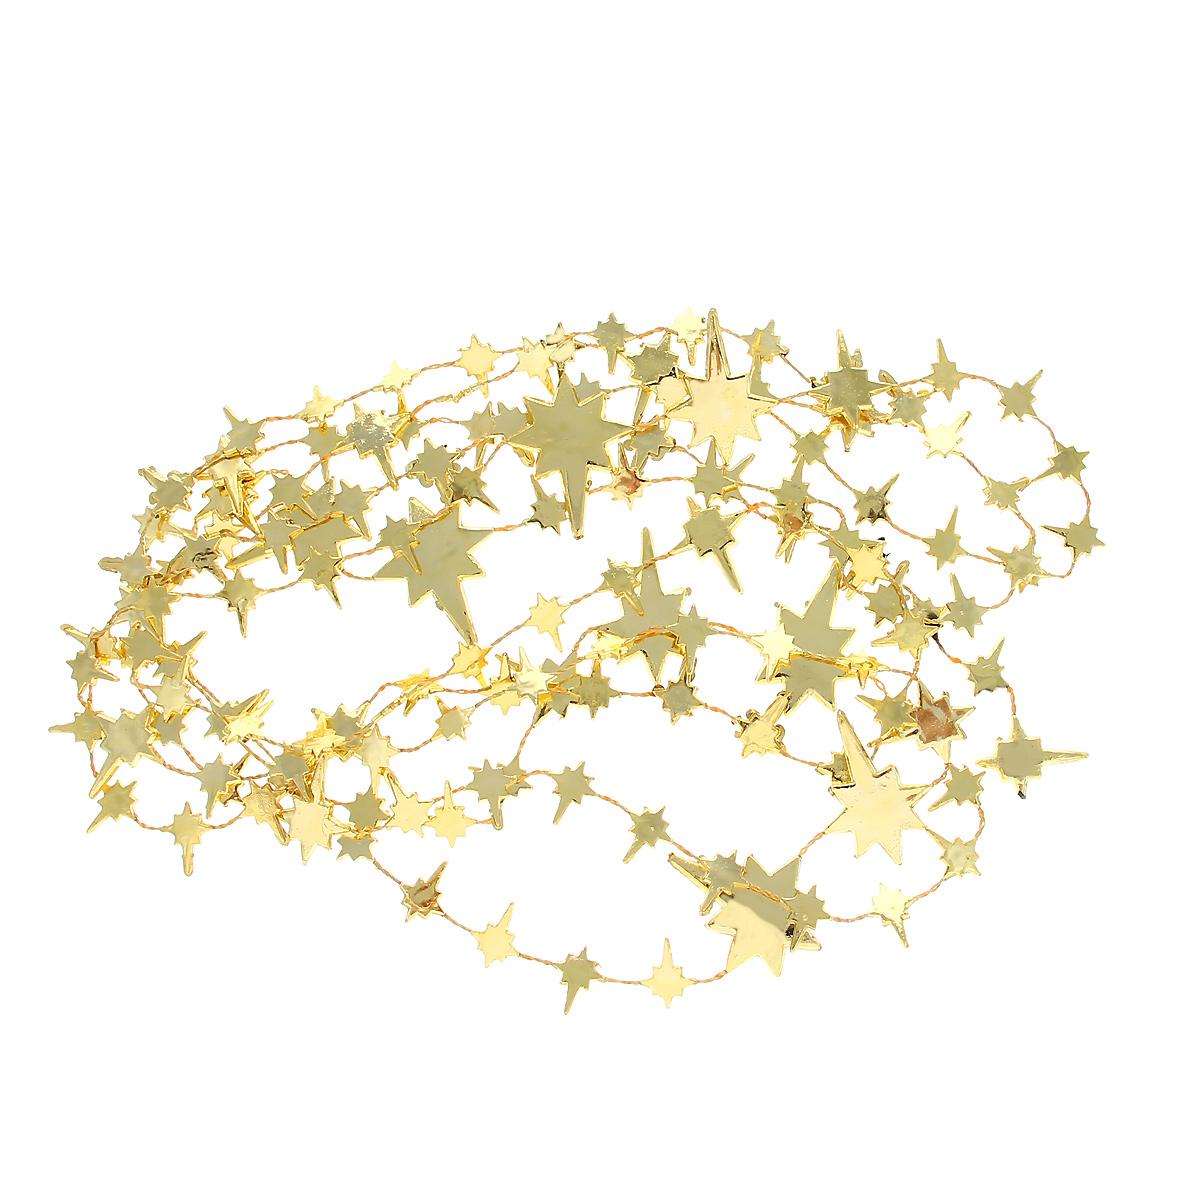 Новогодняя гирлянда Звезды, цвет: золотистый, 270 см31198Новогодняя гирлянда прекрасно подойдет для декора дома или офиса. Украшение выполнено из разноцветной металлизированной фольги. С помощью специальных петелек гирлянду можно повесить в любом понравившемся вам месте. Украшение легко складывается и раскладывается.Новогодние украшения несут в себе волшебство и красоту праздника. Они помогут вам украсить дом к предстоящим праздникам и оживить интерьер по вашему вкусу. Создайте в доме атмосферу тепла, веселья и радости, украшая его всей семьей.